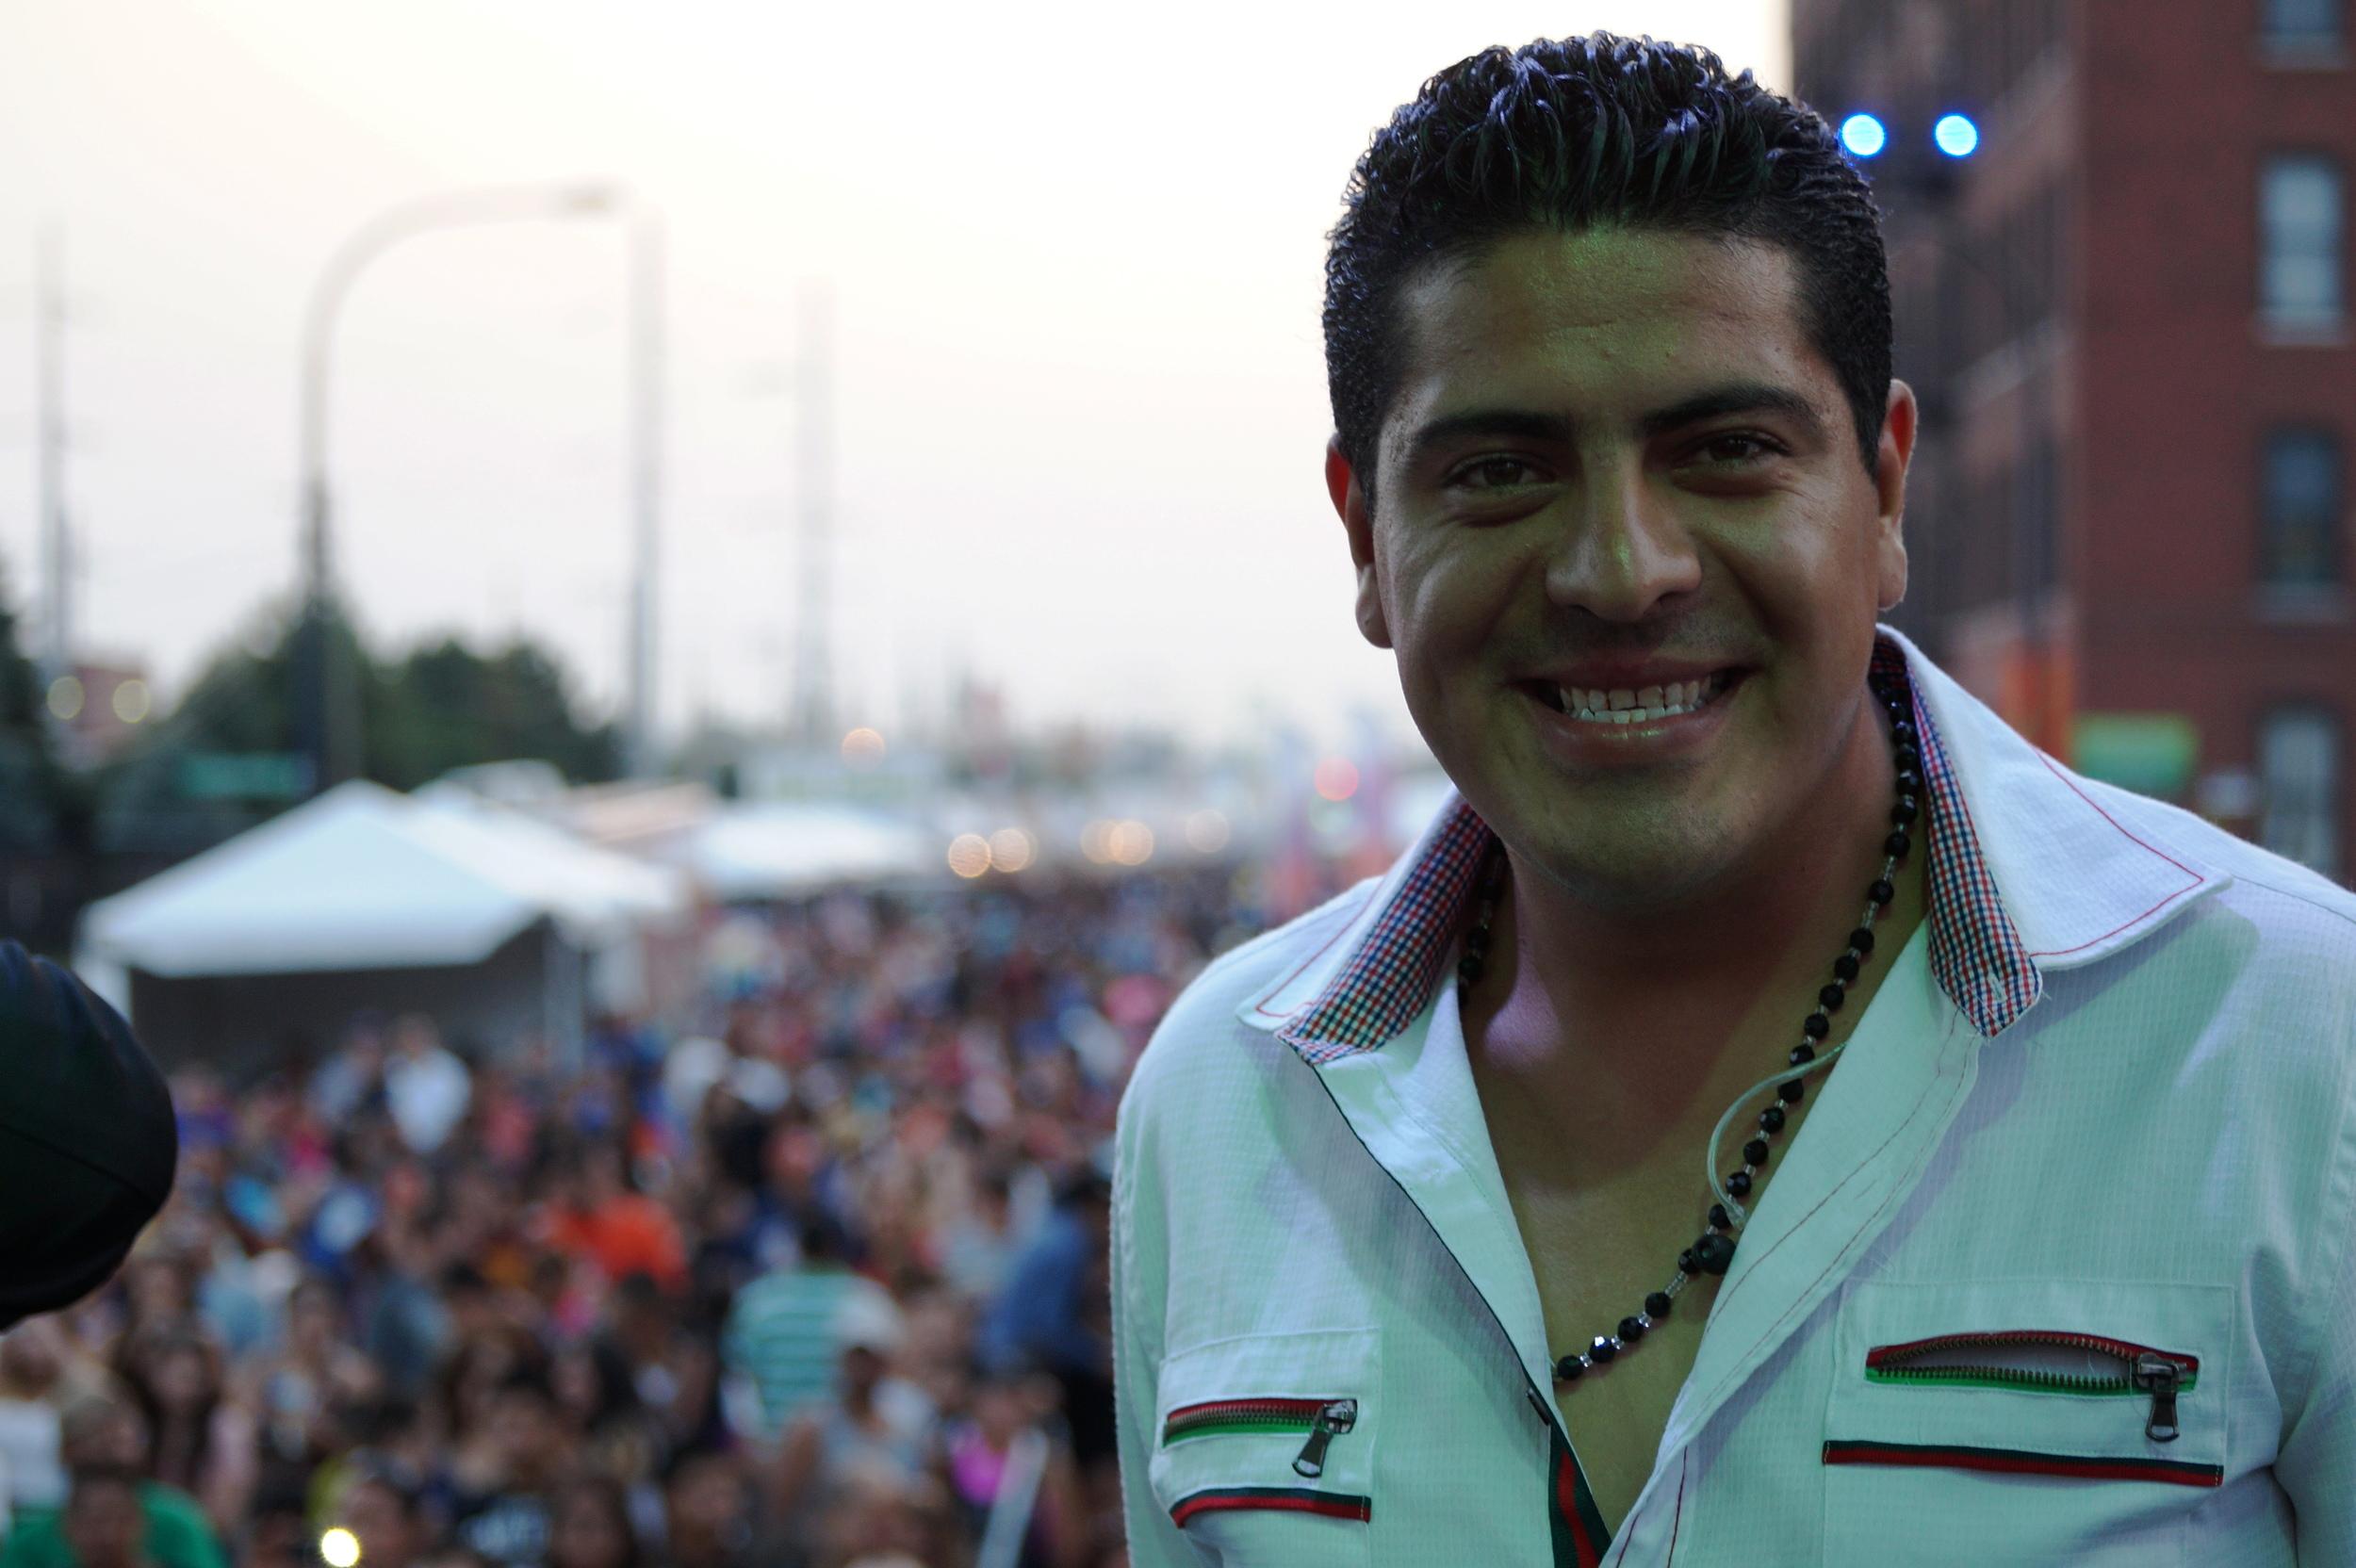 DJ Lalokera